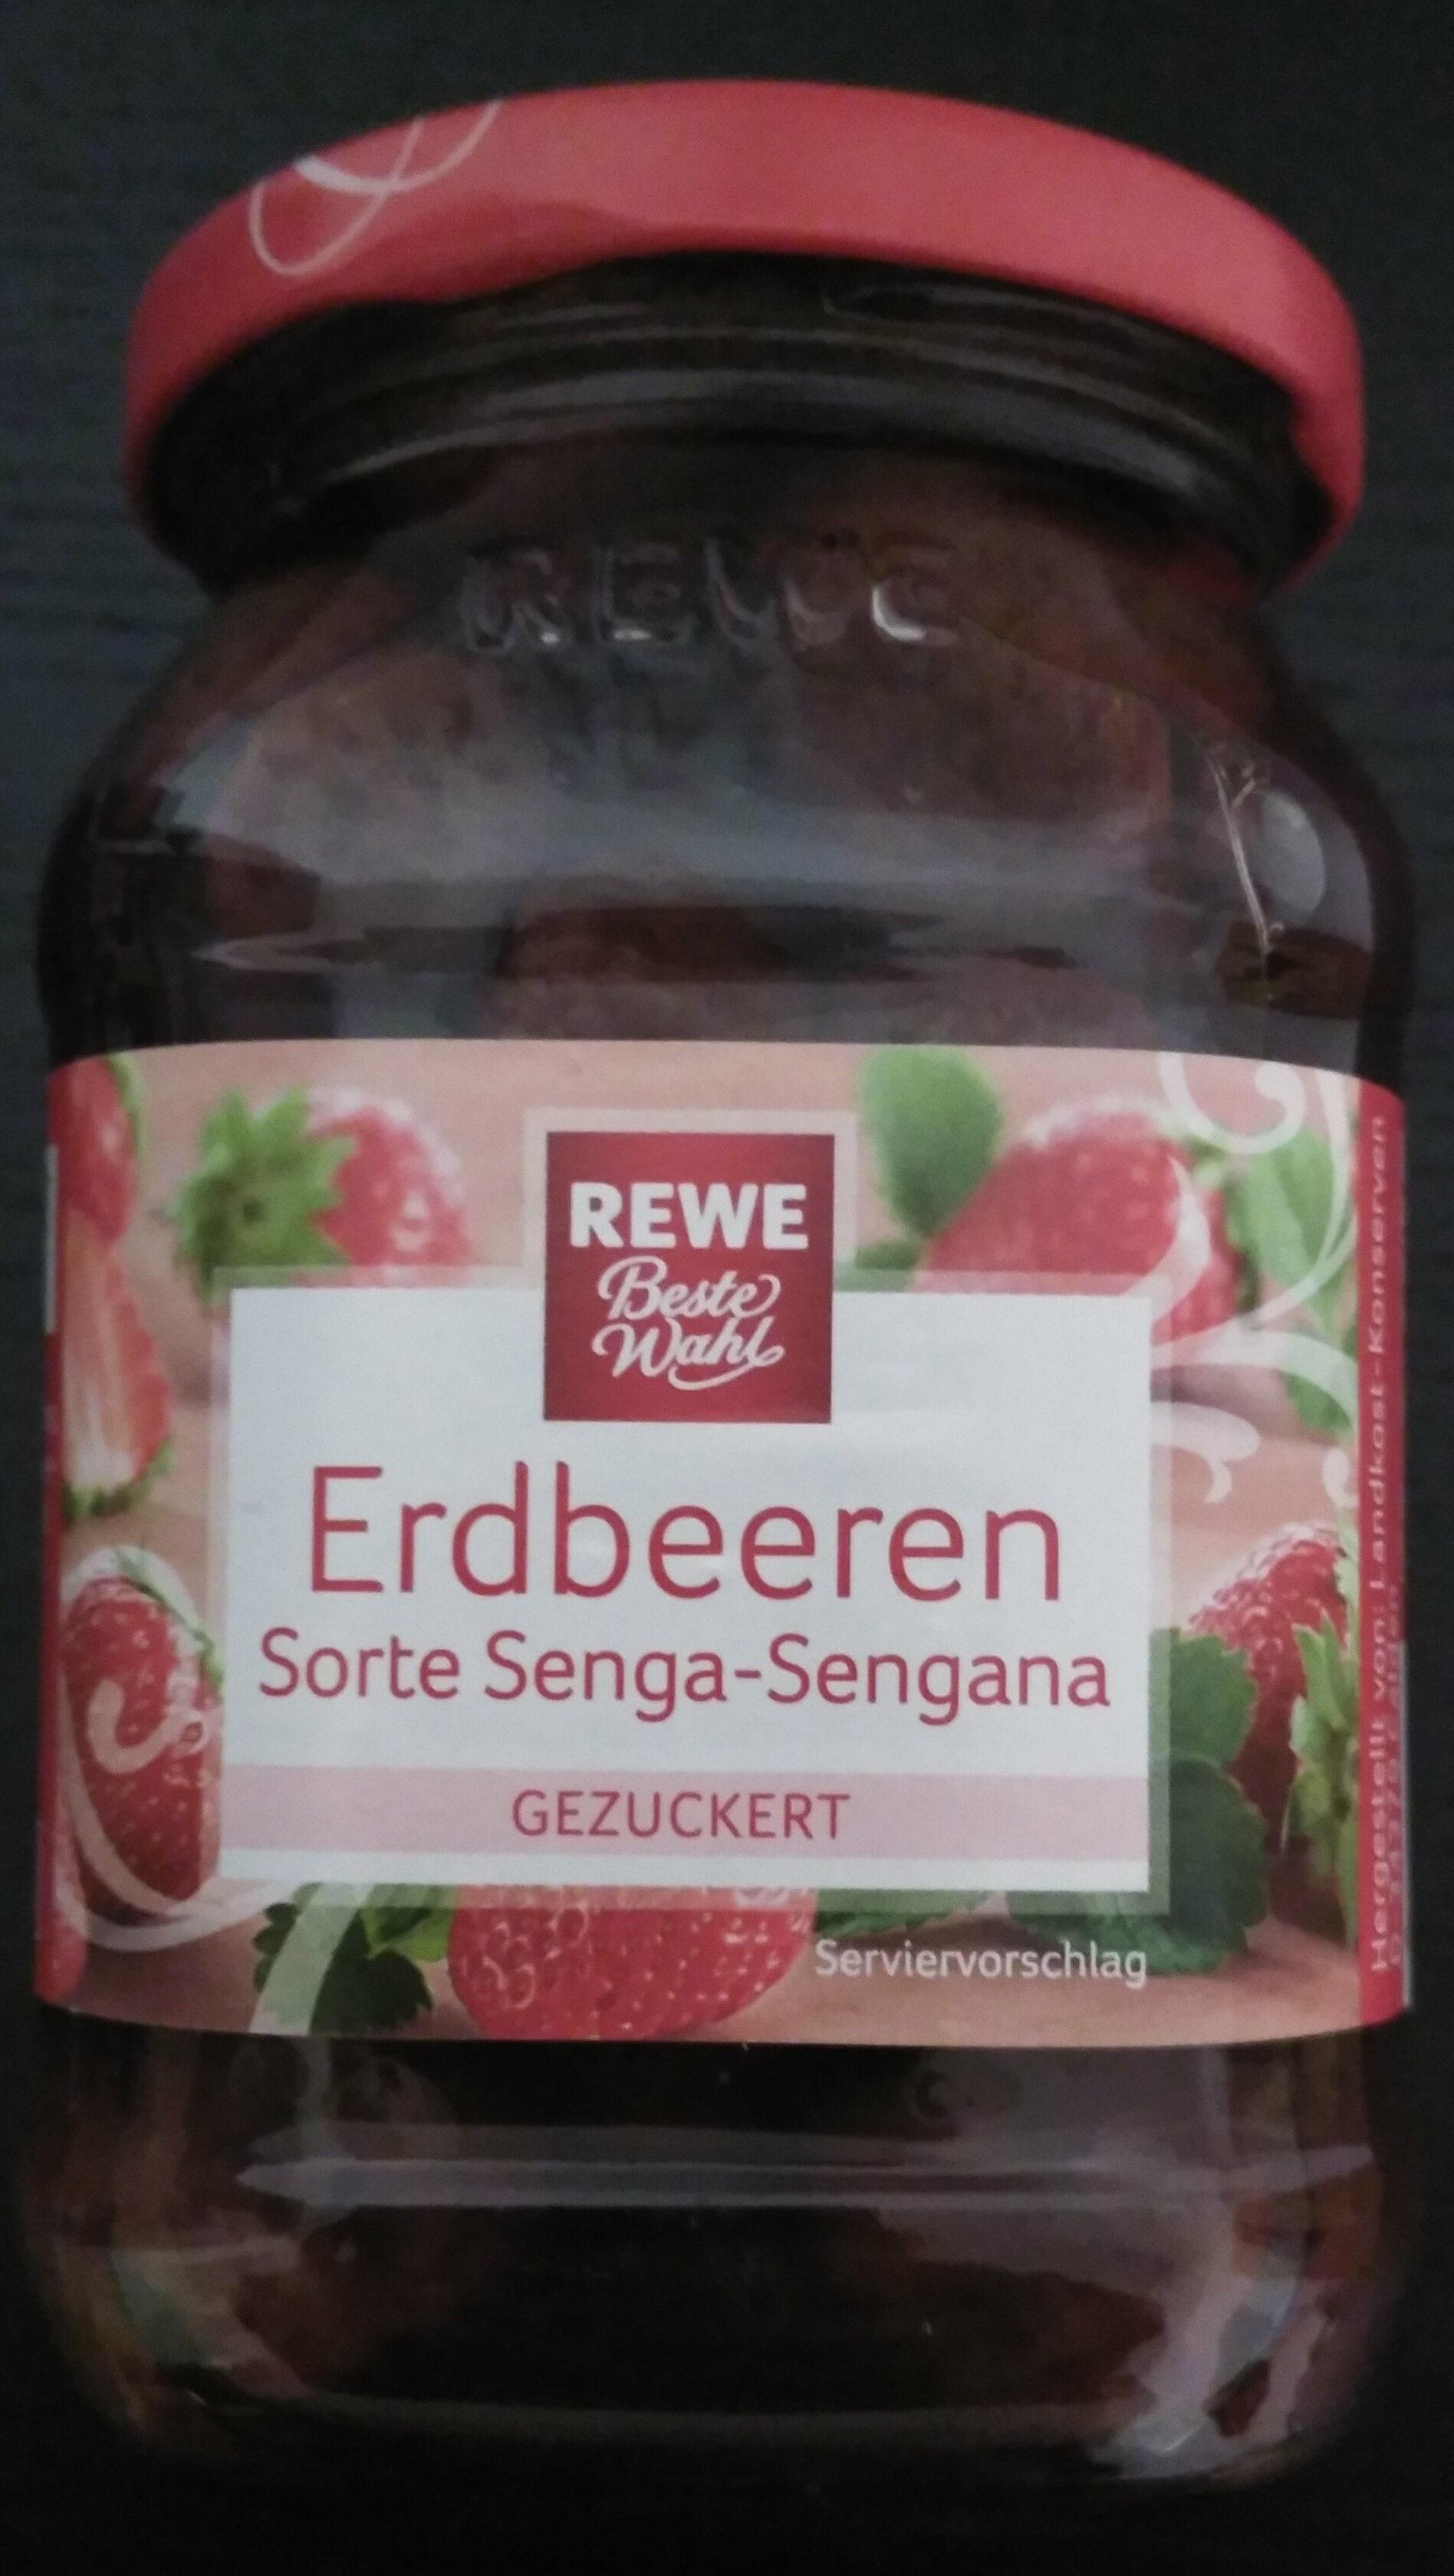 Erdbeeren, Sorte Senga-Sengana, gezuckert - Product - de